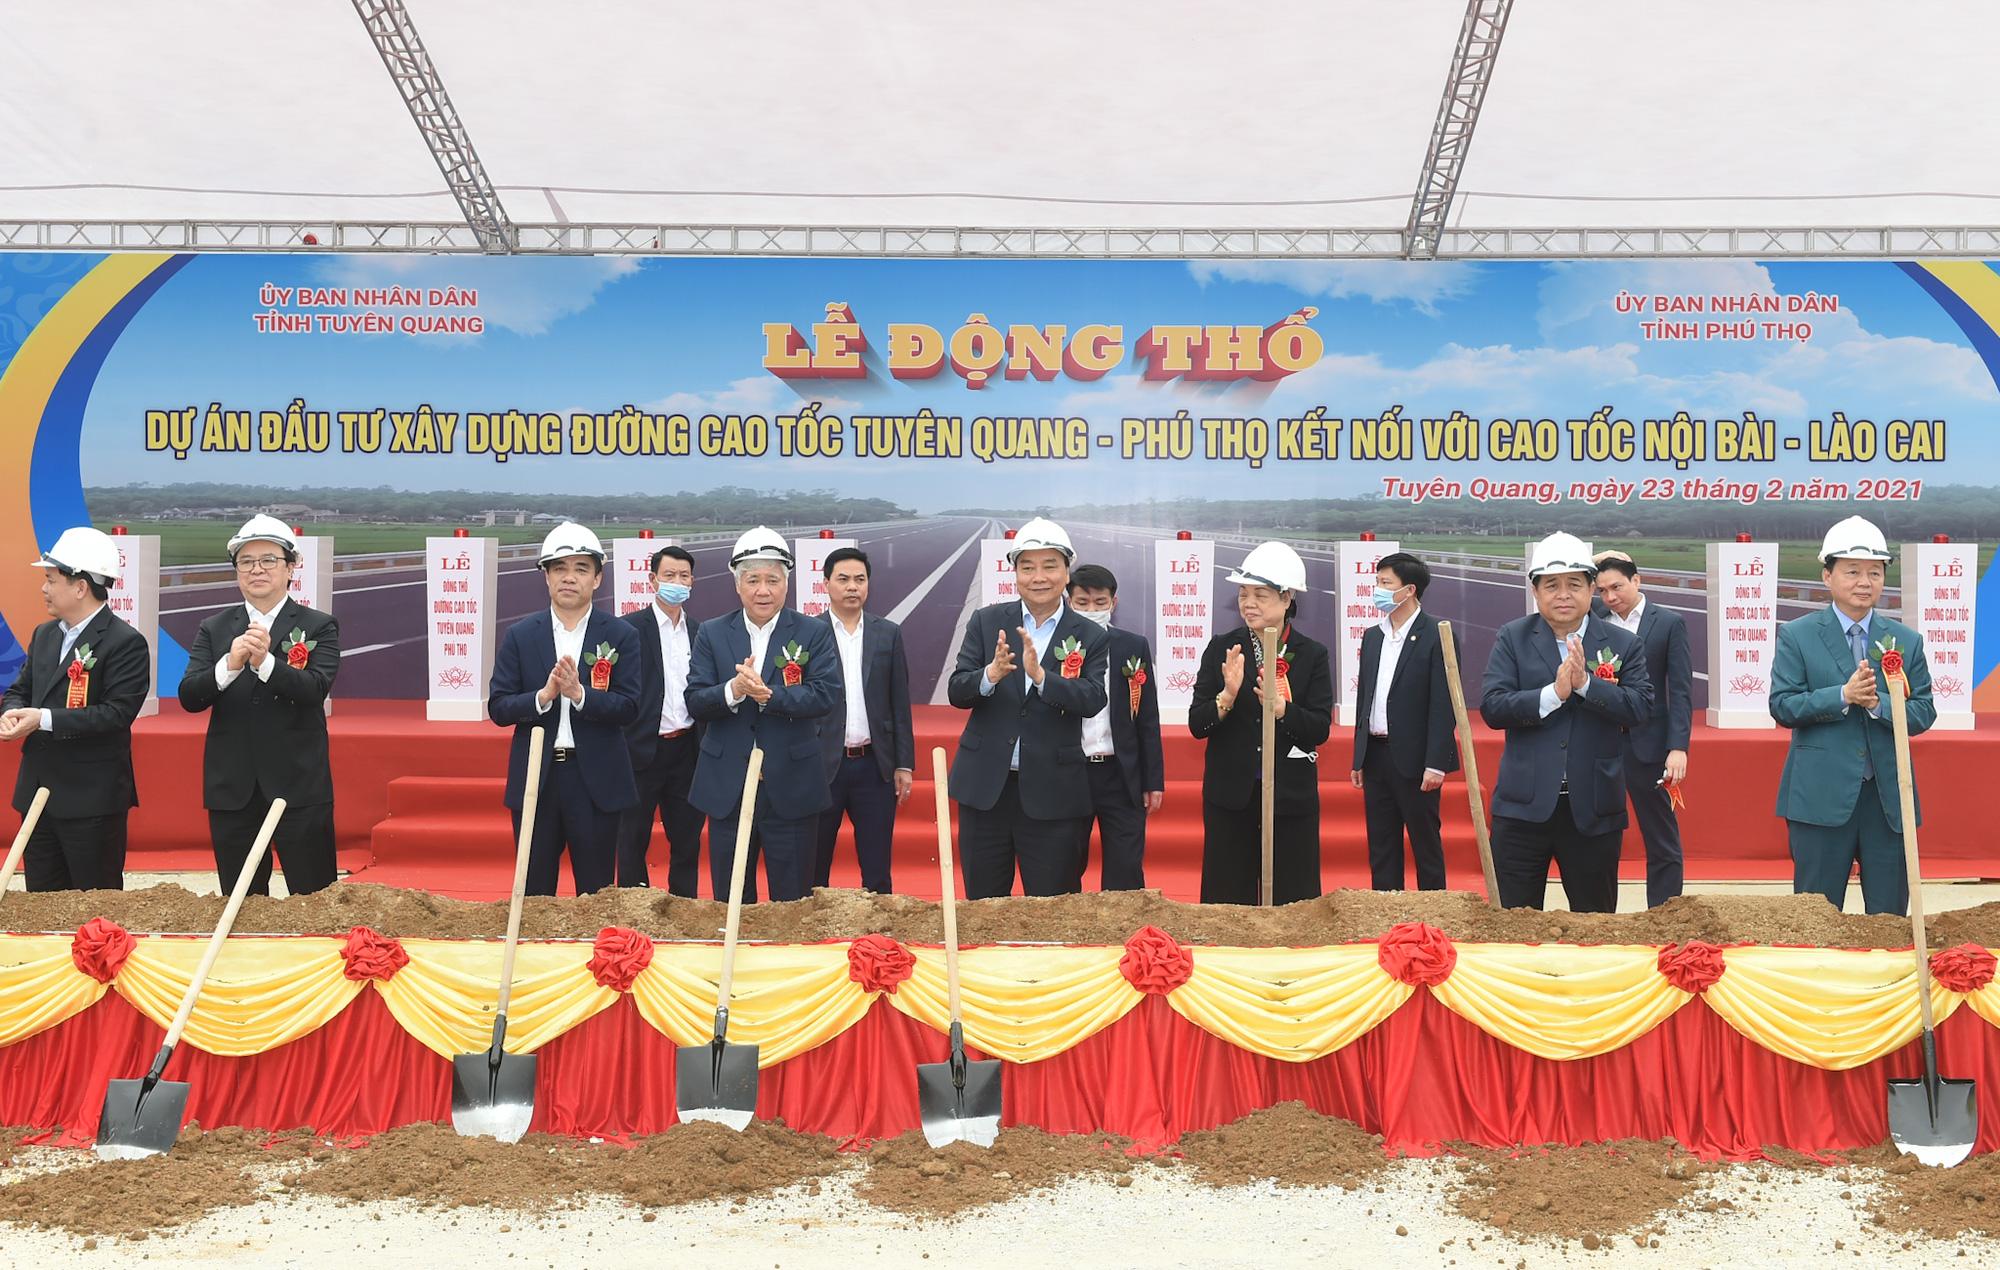 Thủ tướng: Tuyên Quang phải trở thành cứ điểm quan trọng của ngành gỗ Việt Nam - Ảnh 3.